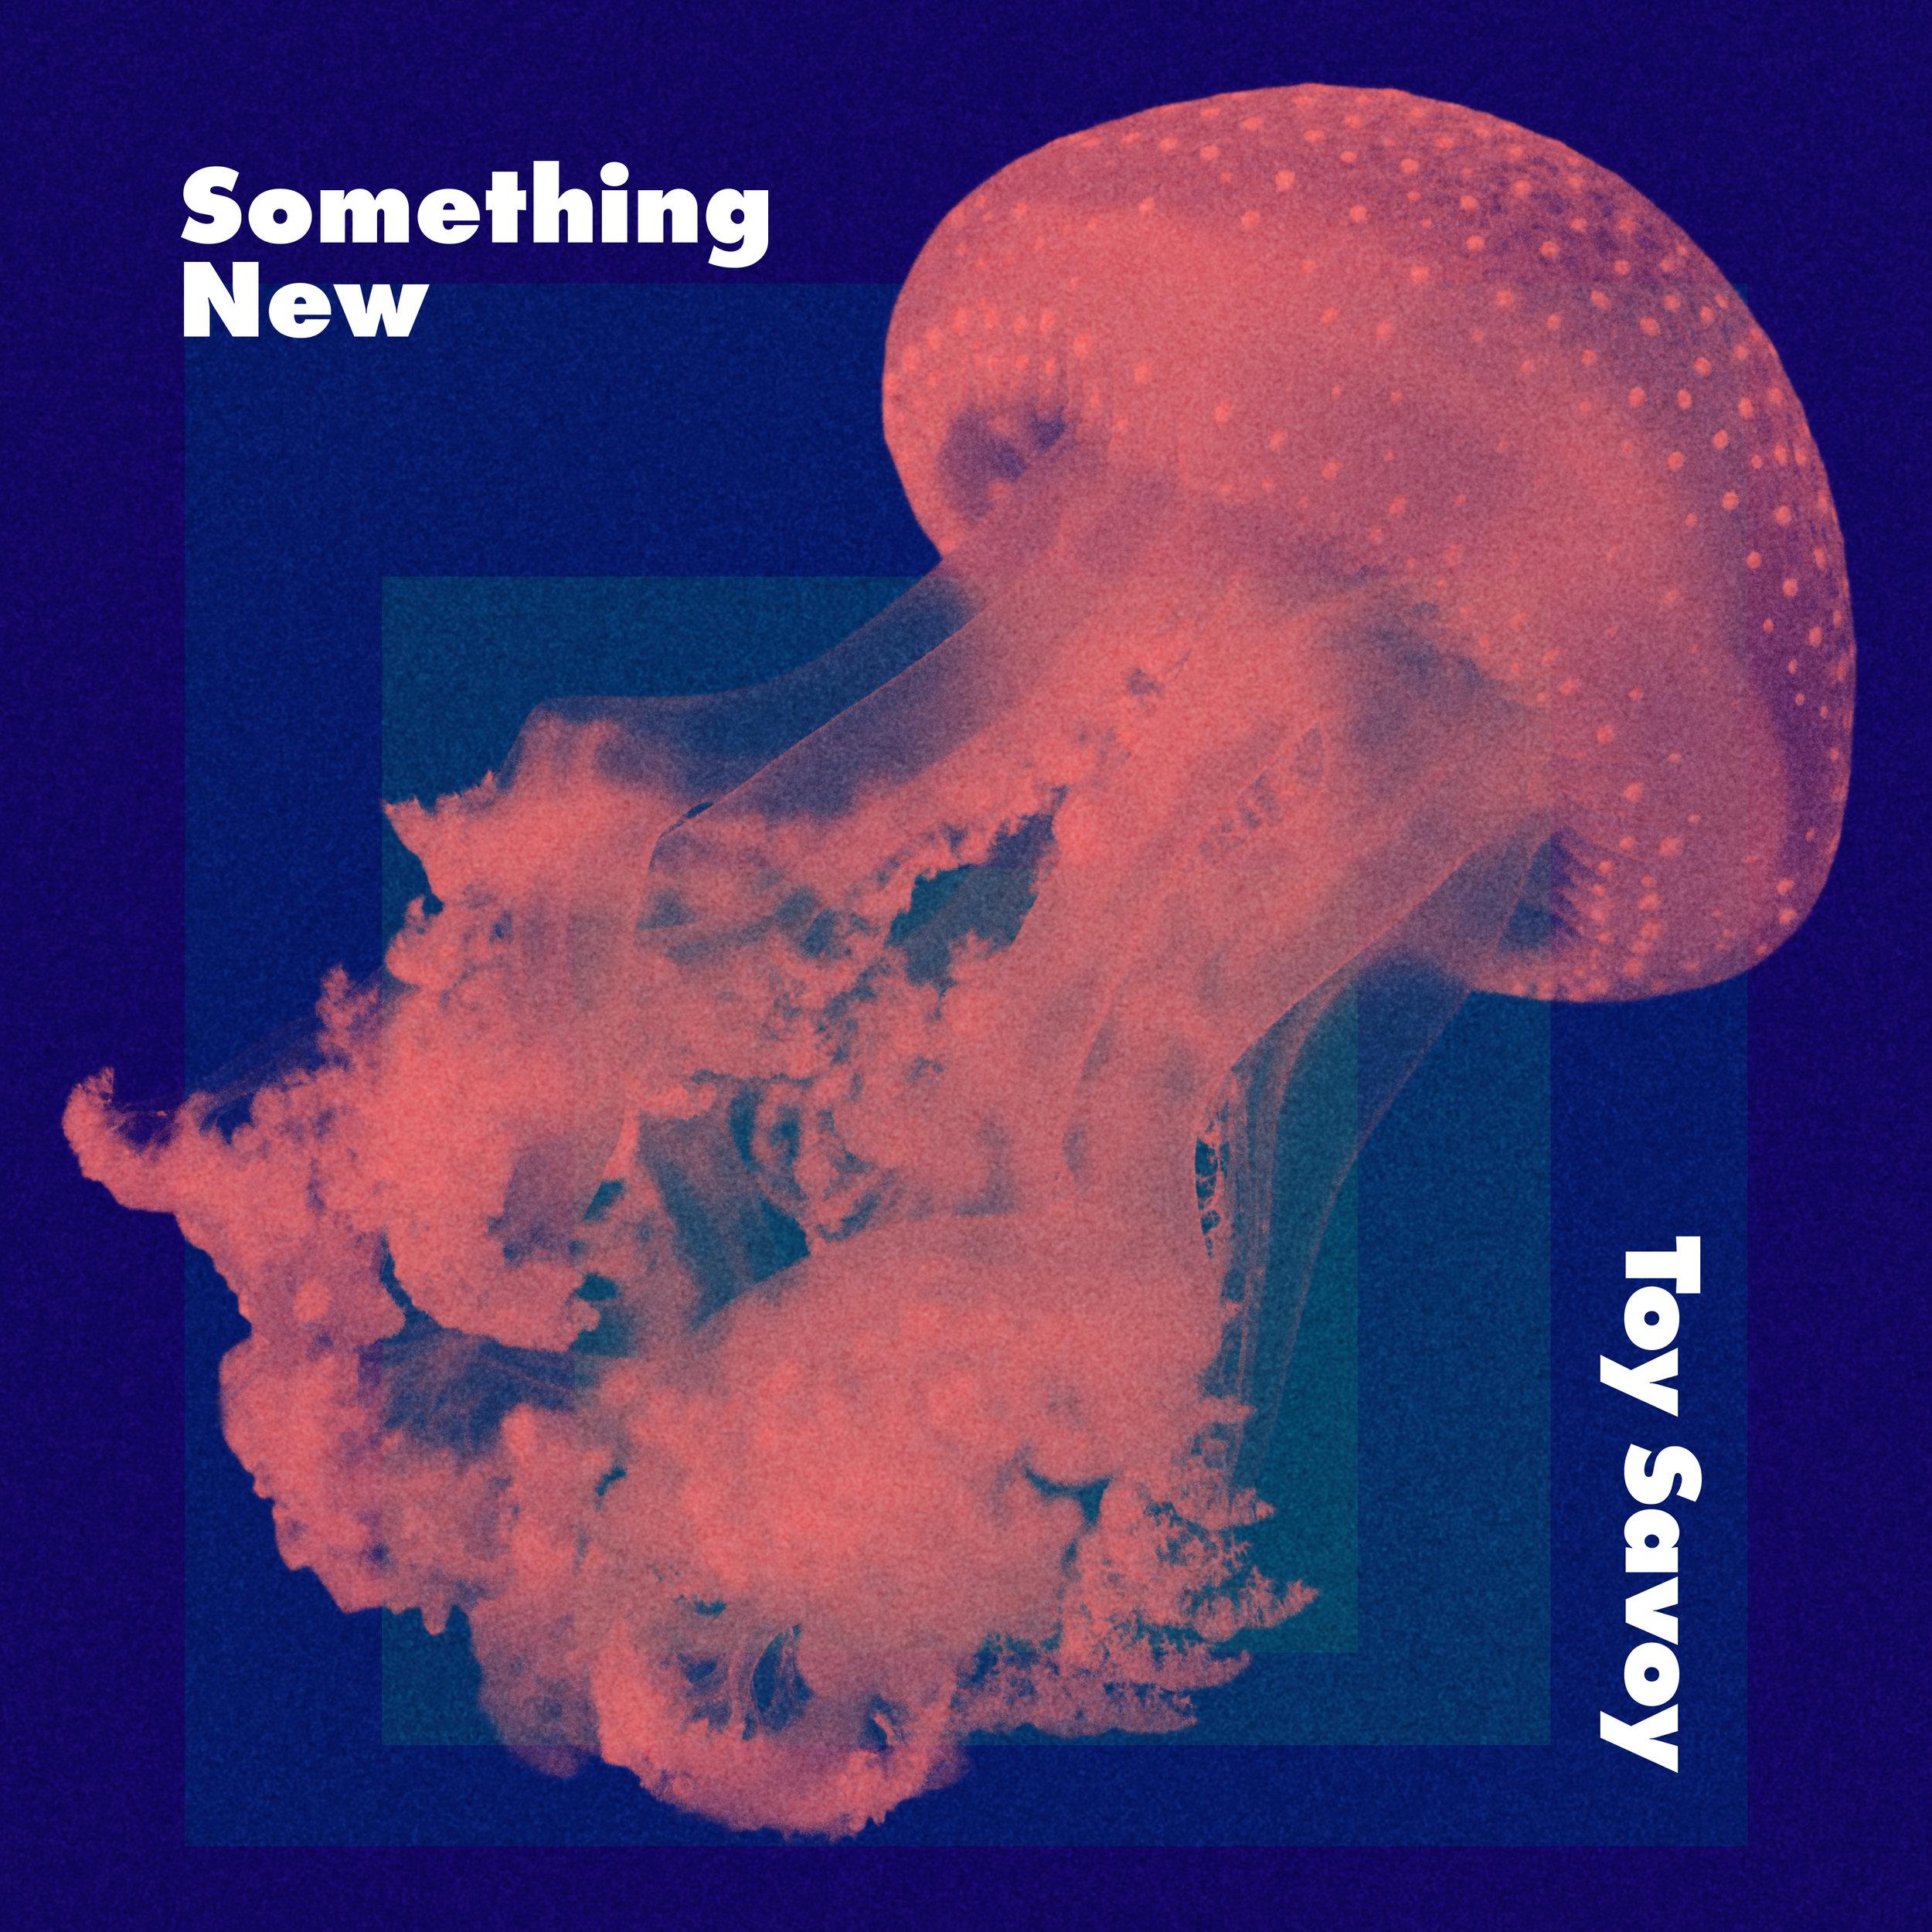 Toy_Savoy-Something_New(litt-komprimert).jpg